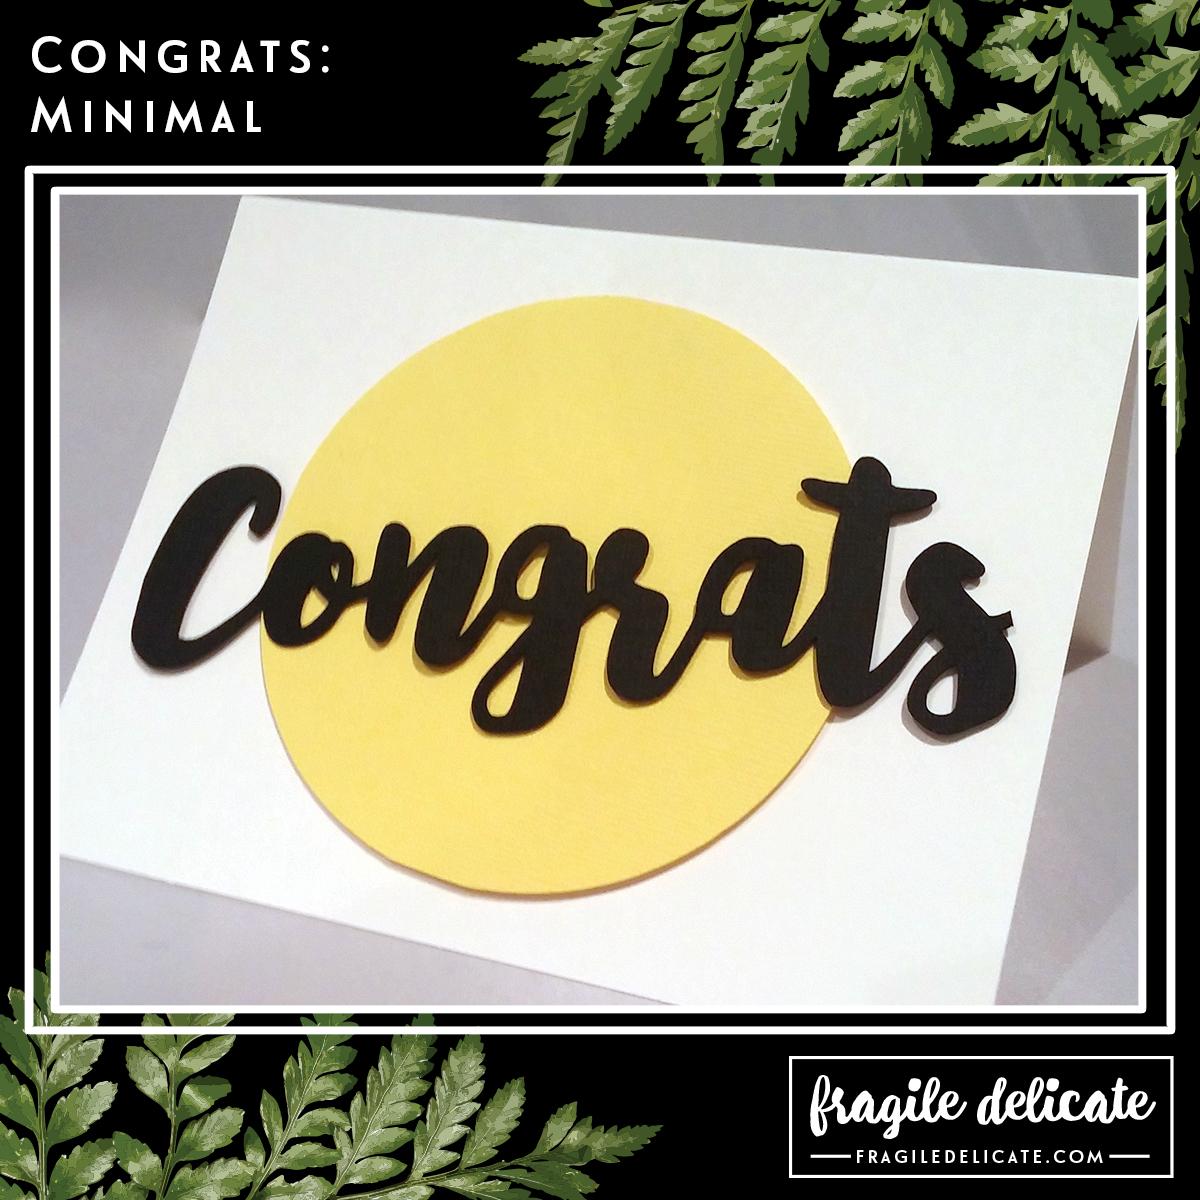 Fragile Delicate - Congrats.jpg